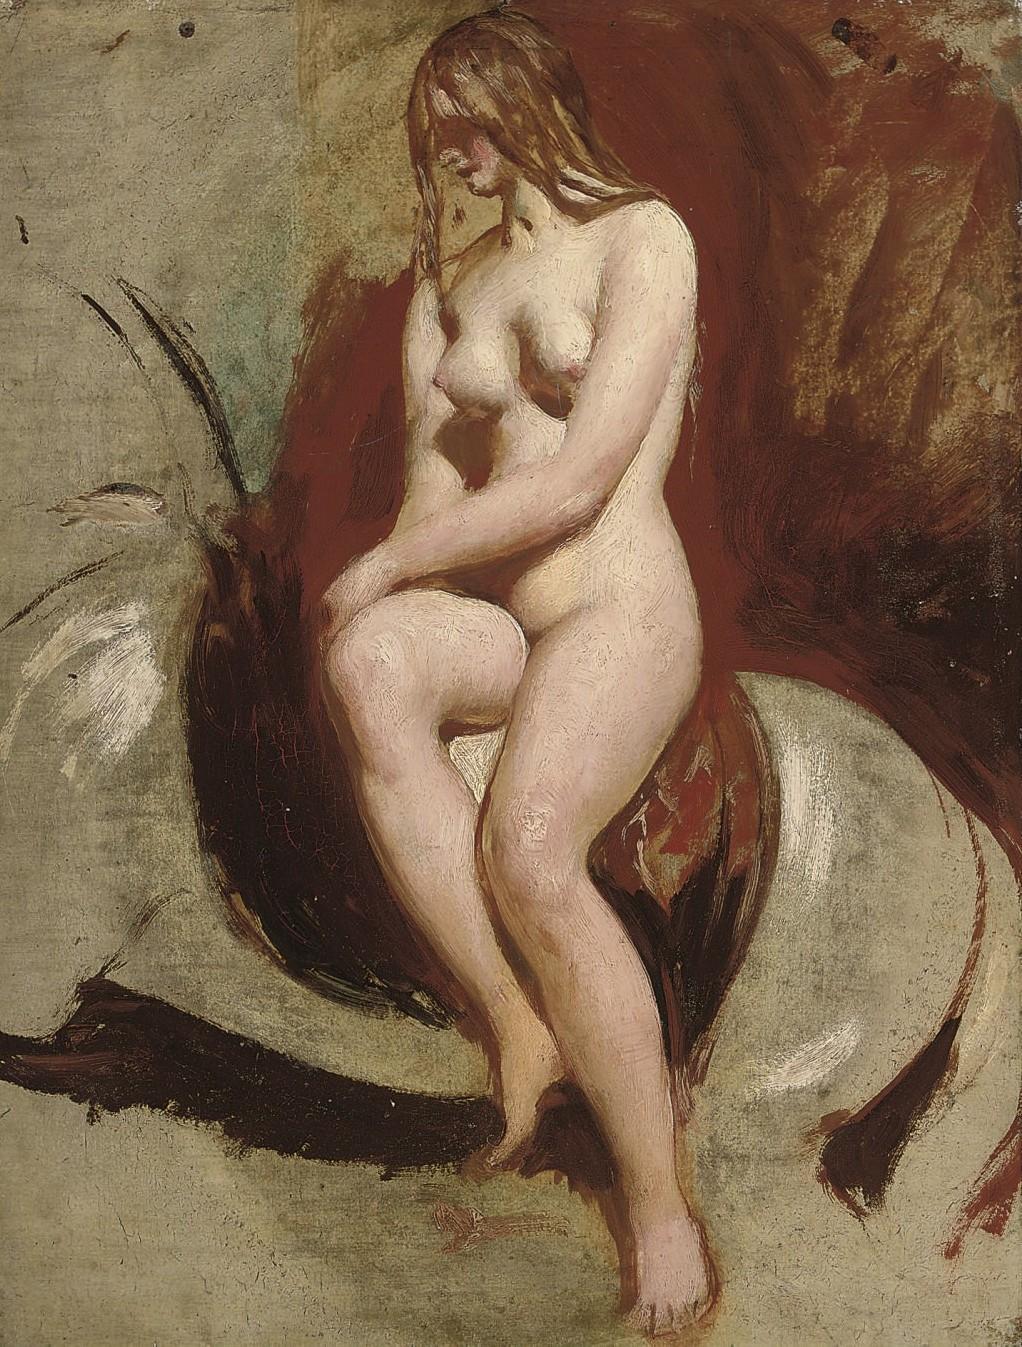 Уильям Этти. Сидящая обнаженная (Seated female nude). 66 x 50.9. Частное собрание.